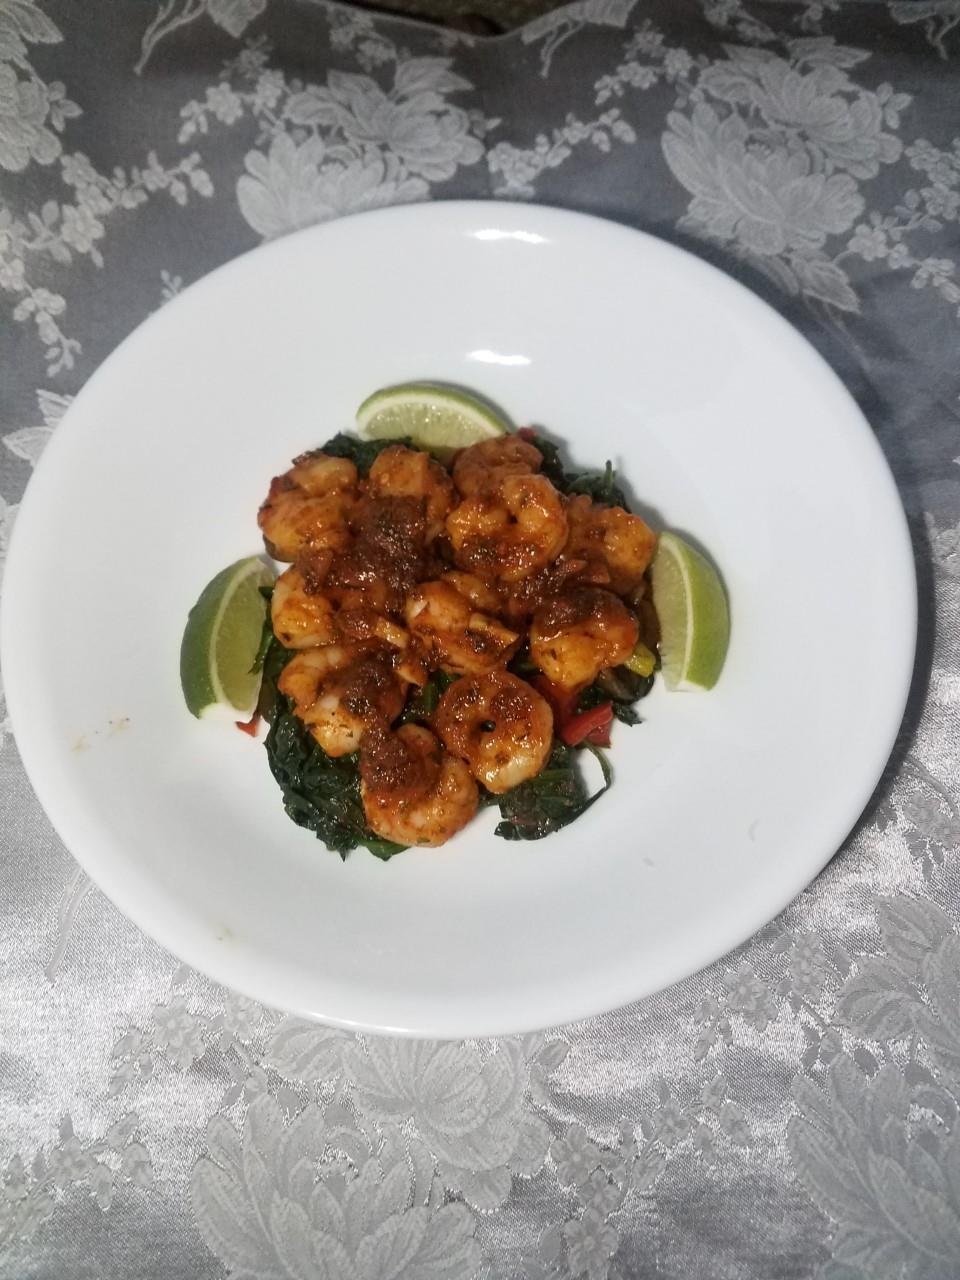 Spicy Lime Grilled Shrimp Liz Dalton 'Lizzie'